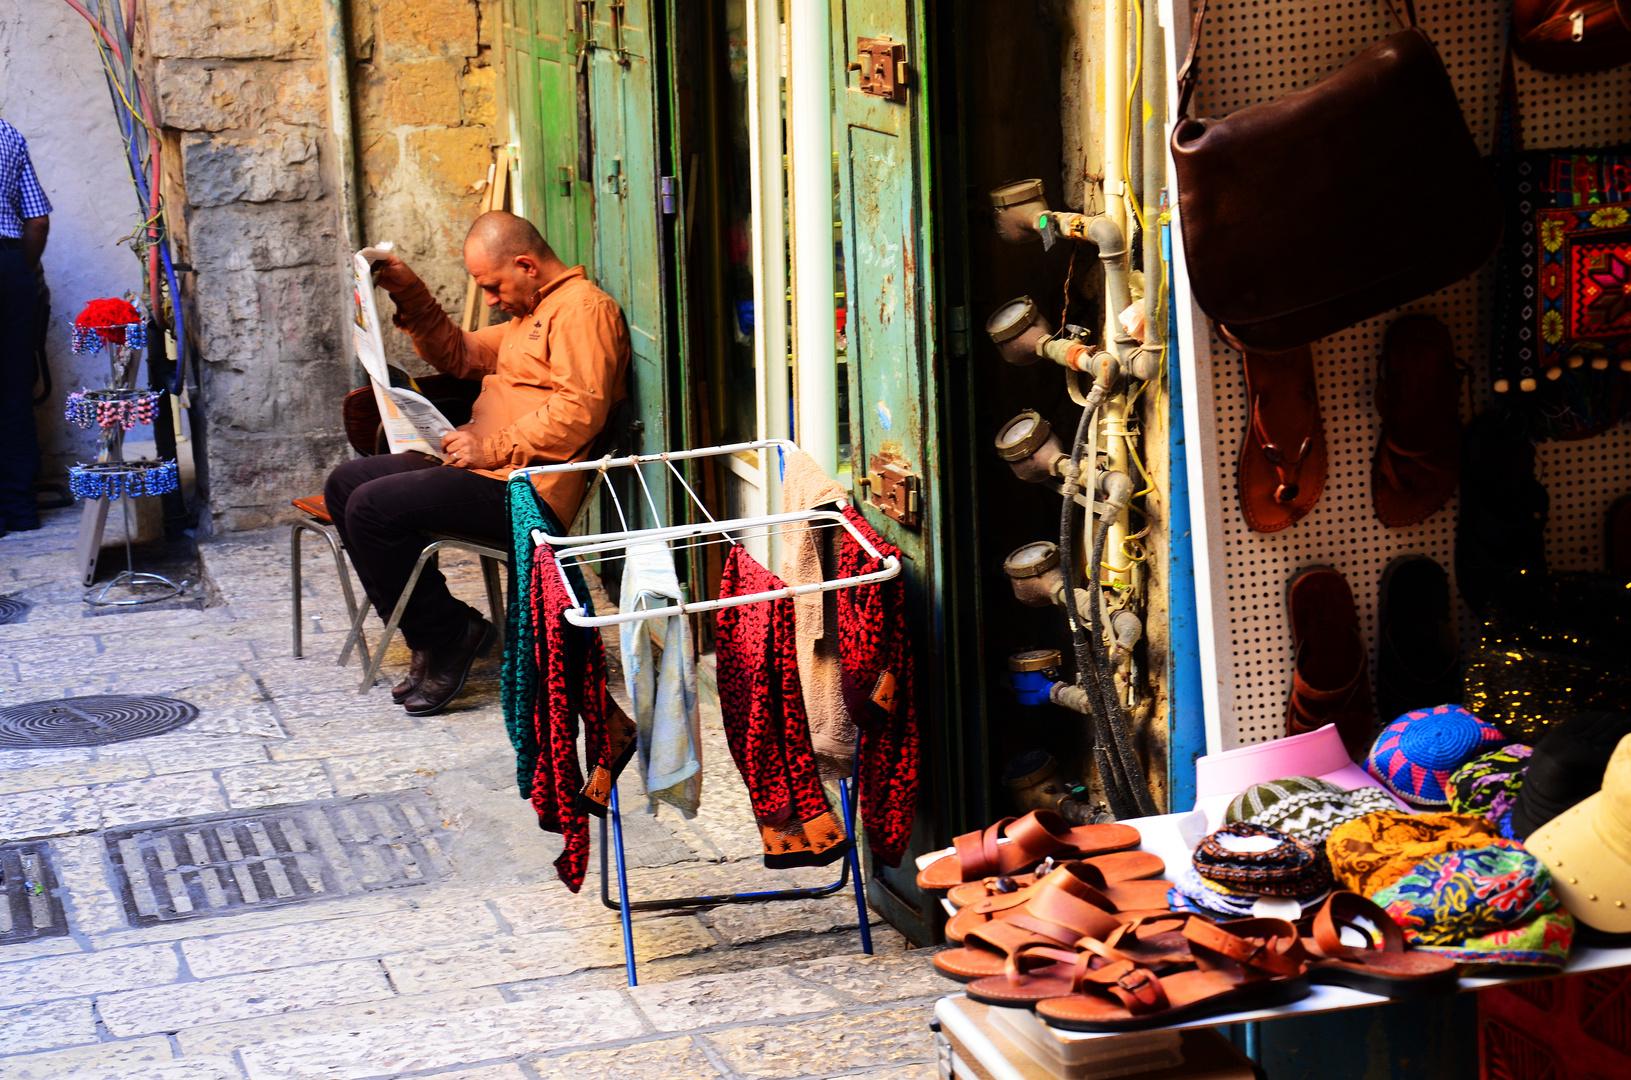 Basarladen in einem Jerusalemer Hinterhof